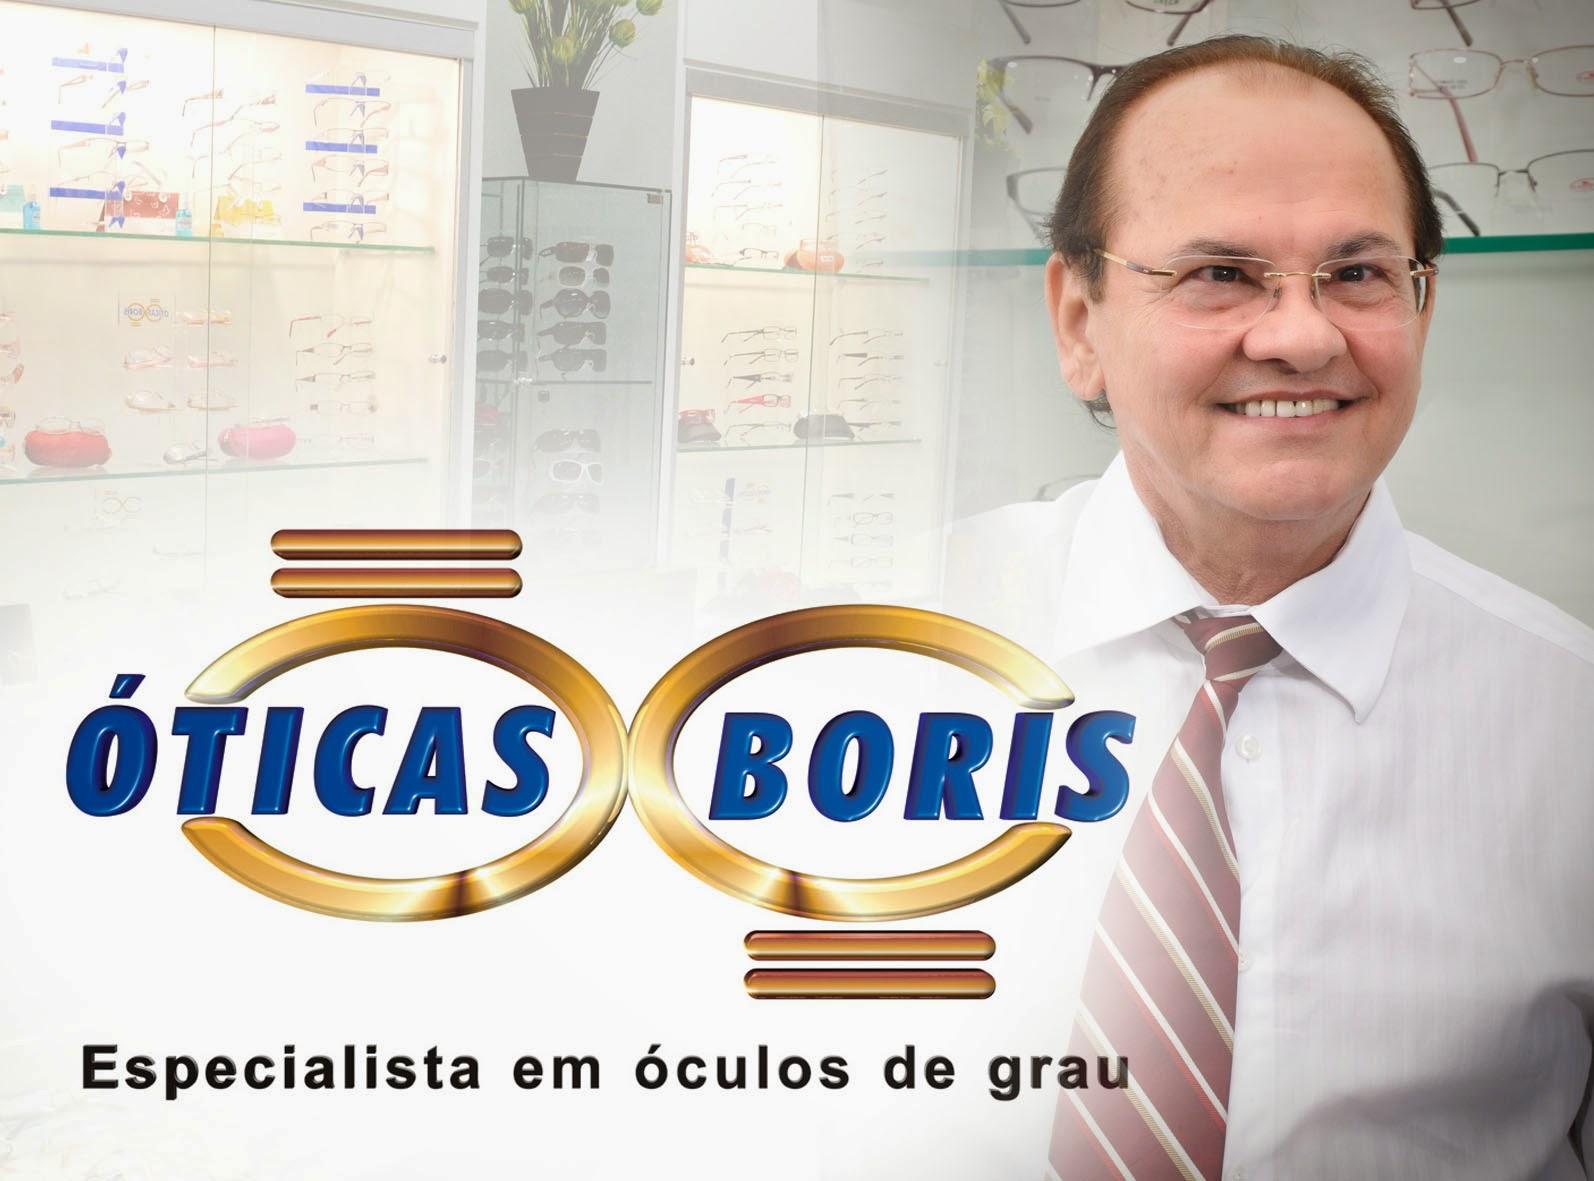 39900637666d8 As Óticas Boris se consolidou no mercado cearense e permaneceu firme diante  das seguidas crises econômicas enfrentadas por nosso pais